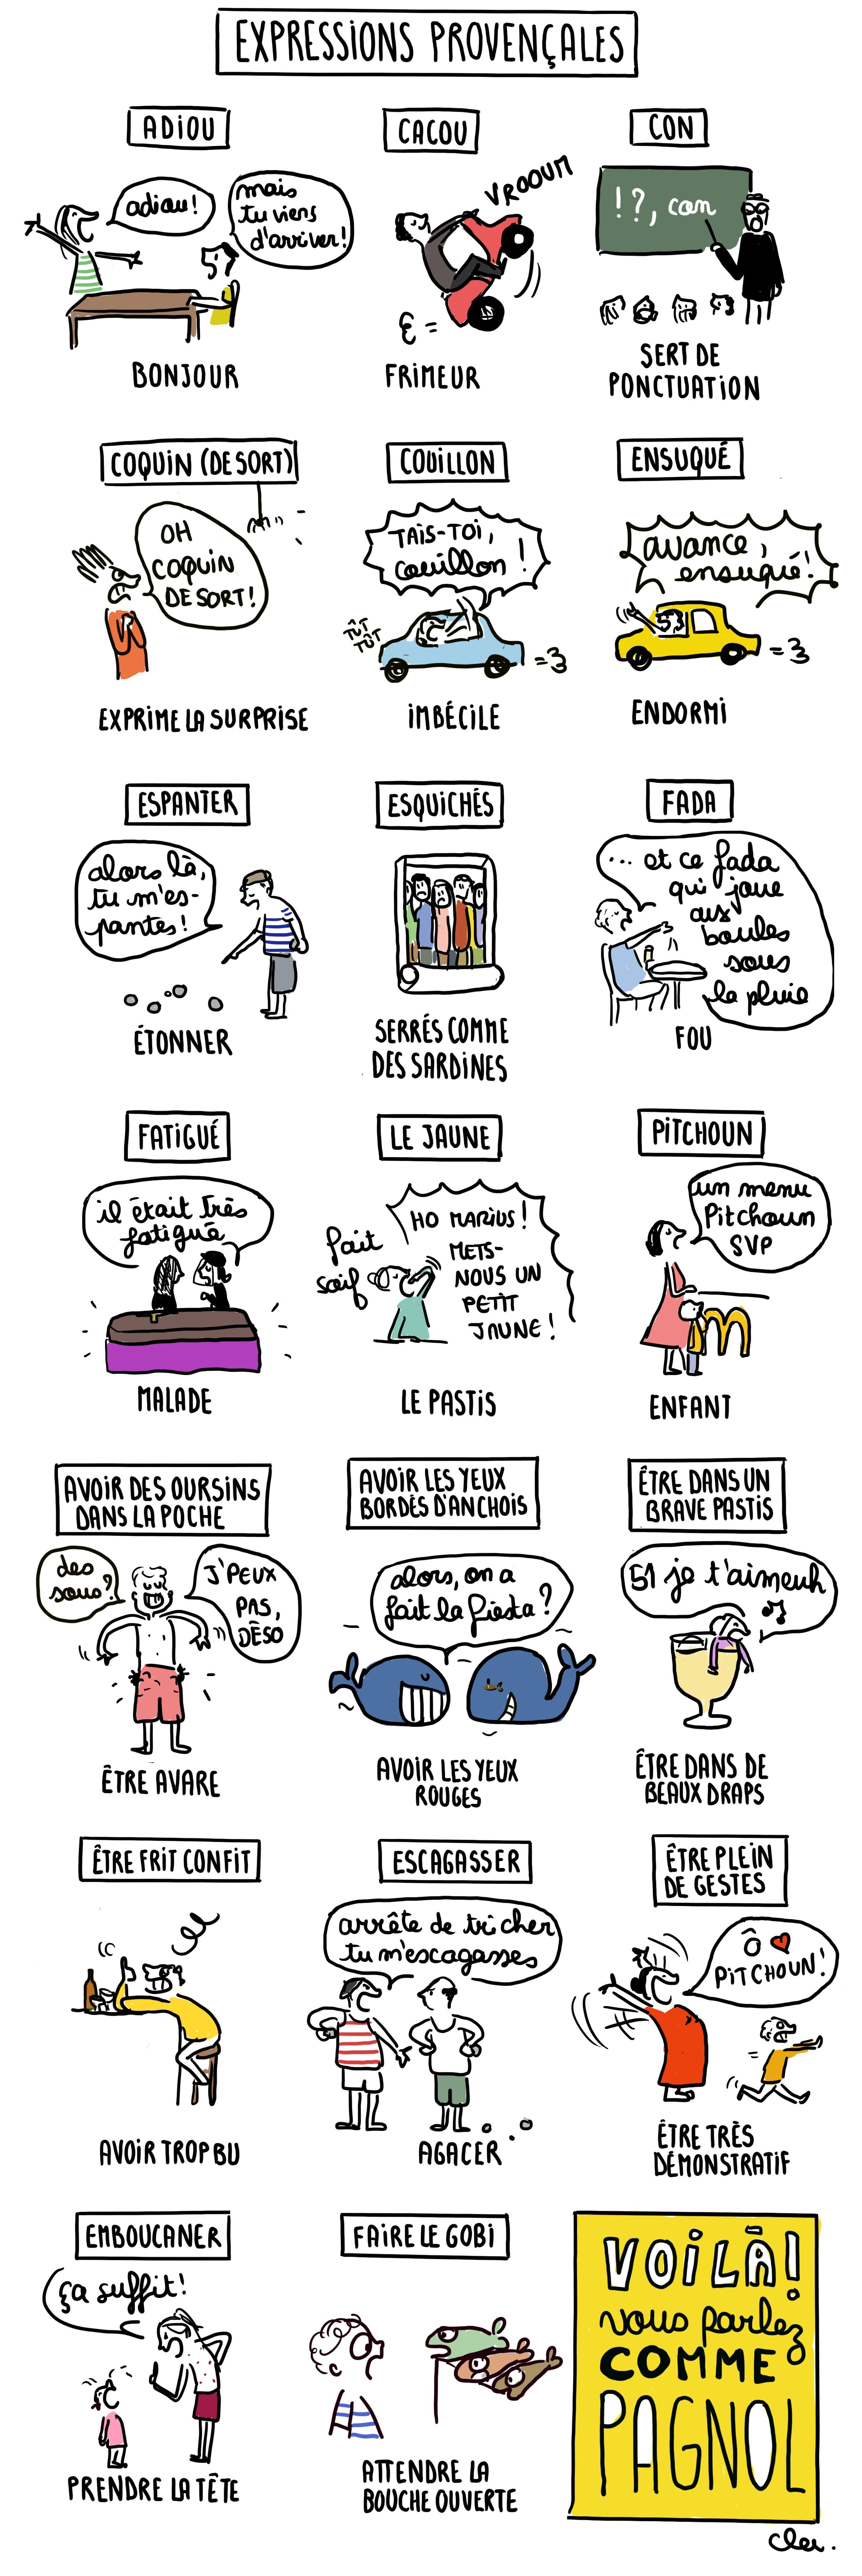 Une bande dessinée amusante et colorée qui illustre des expressions provençales en 20 cases